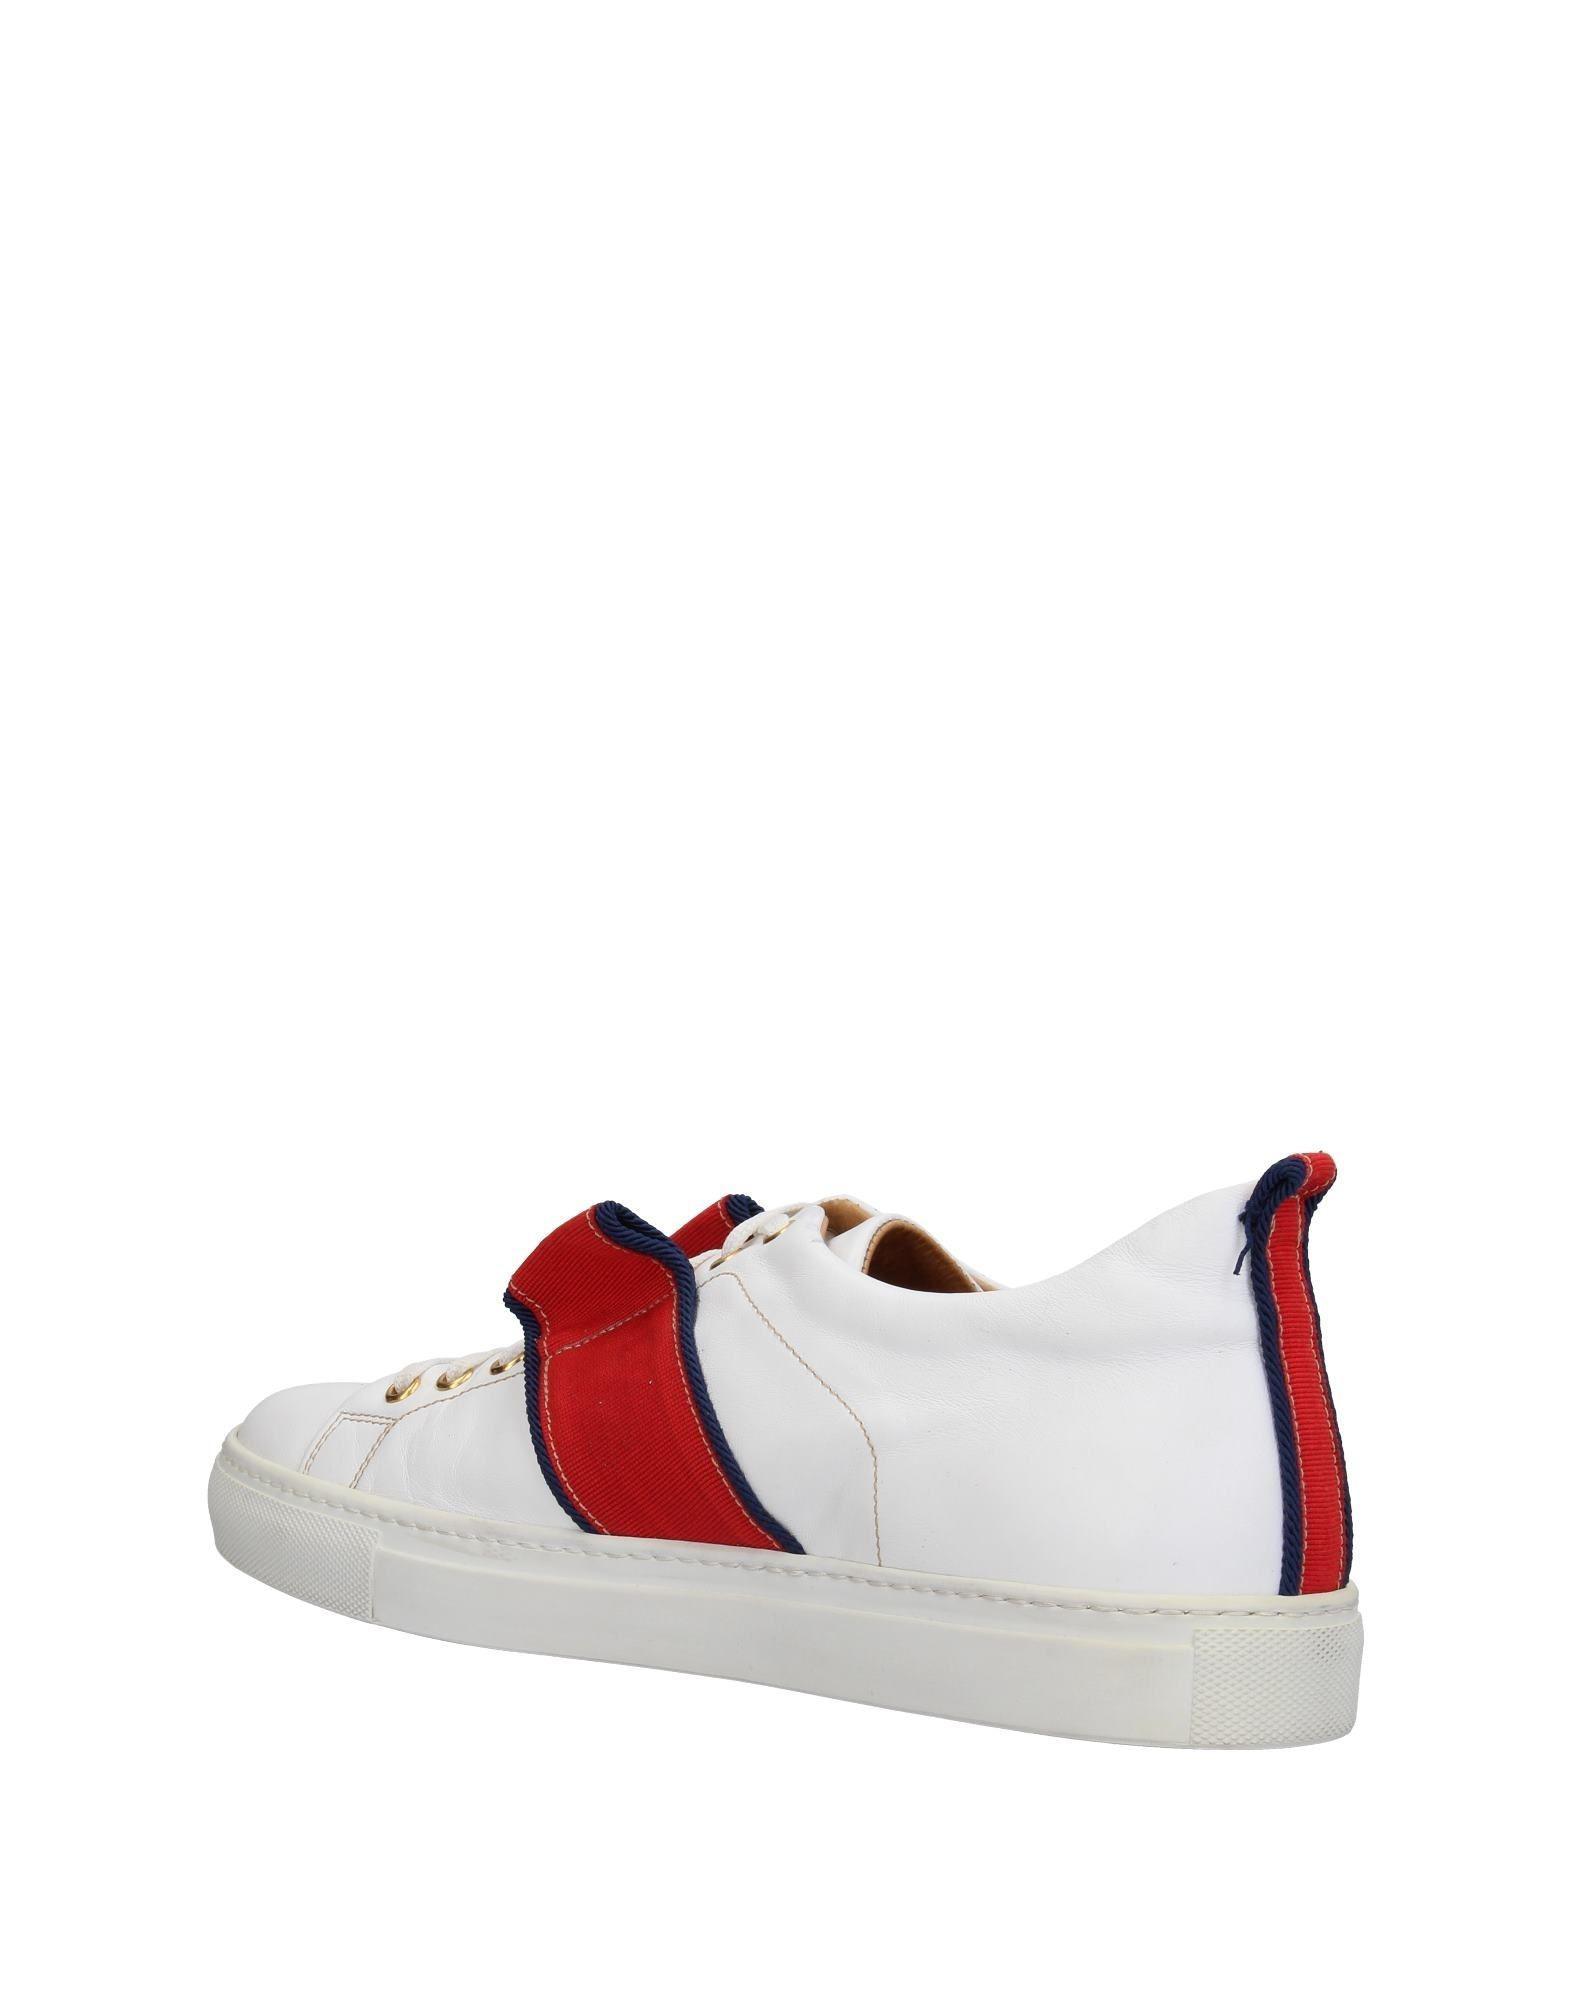 FOOTWEAR - Low-tops & sneakers Christian Pellizzari Y4EJKP98z